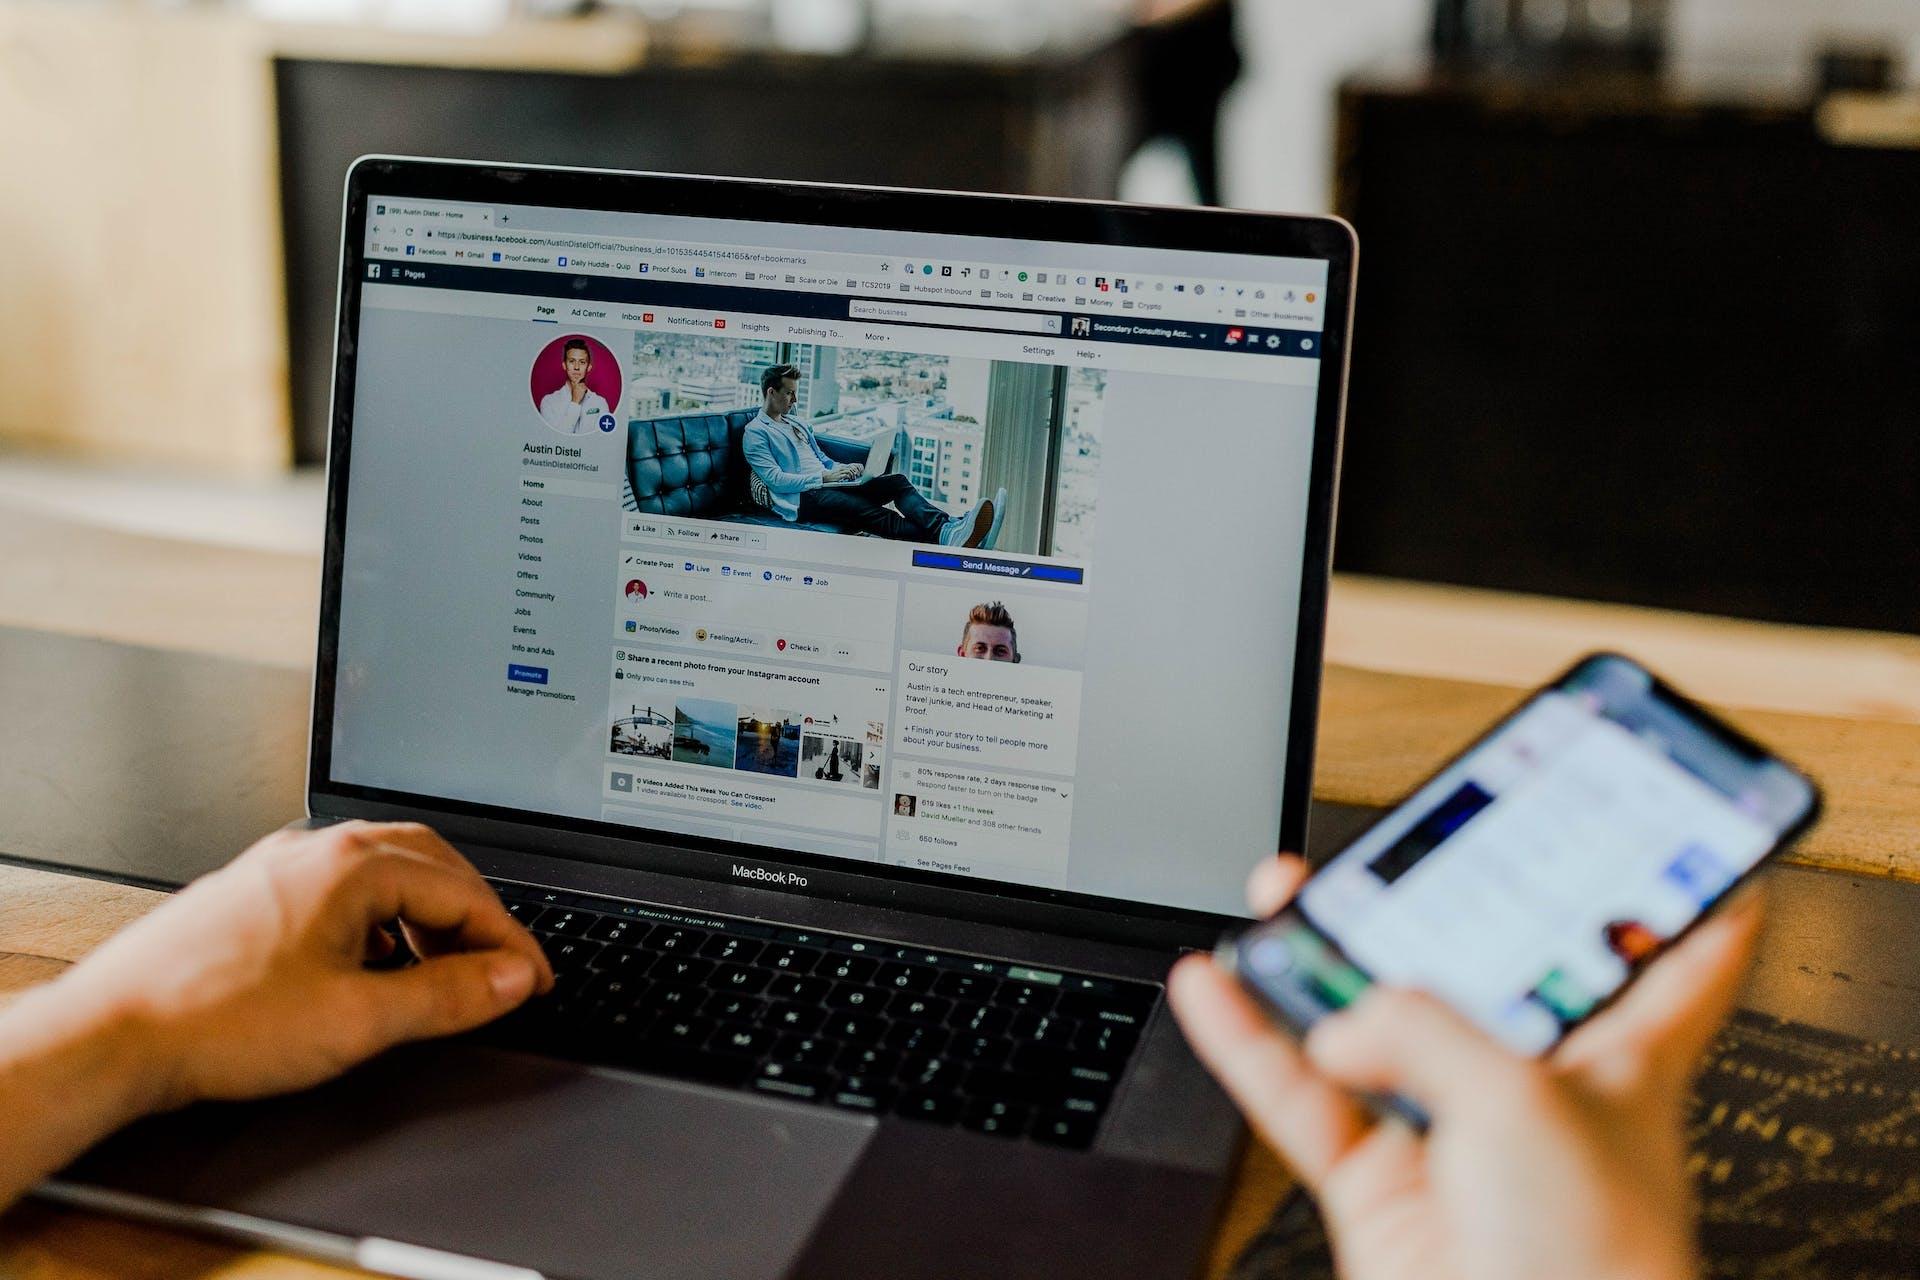 benchmark réseaux sociaux